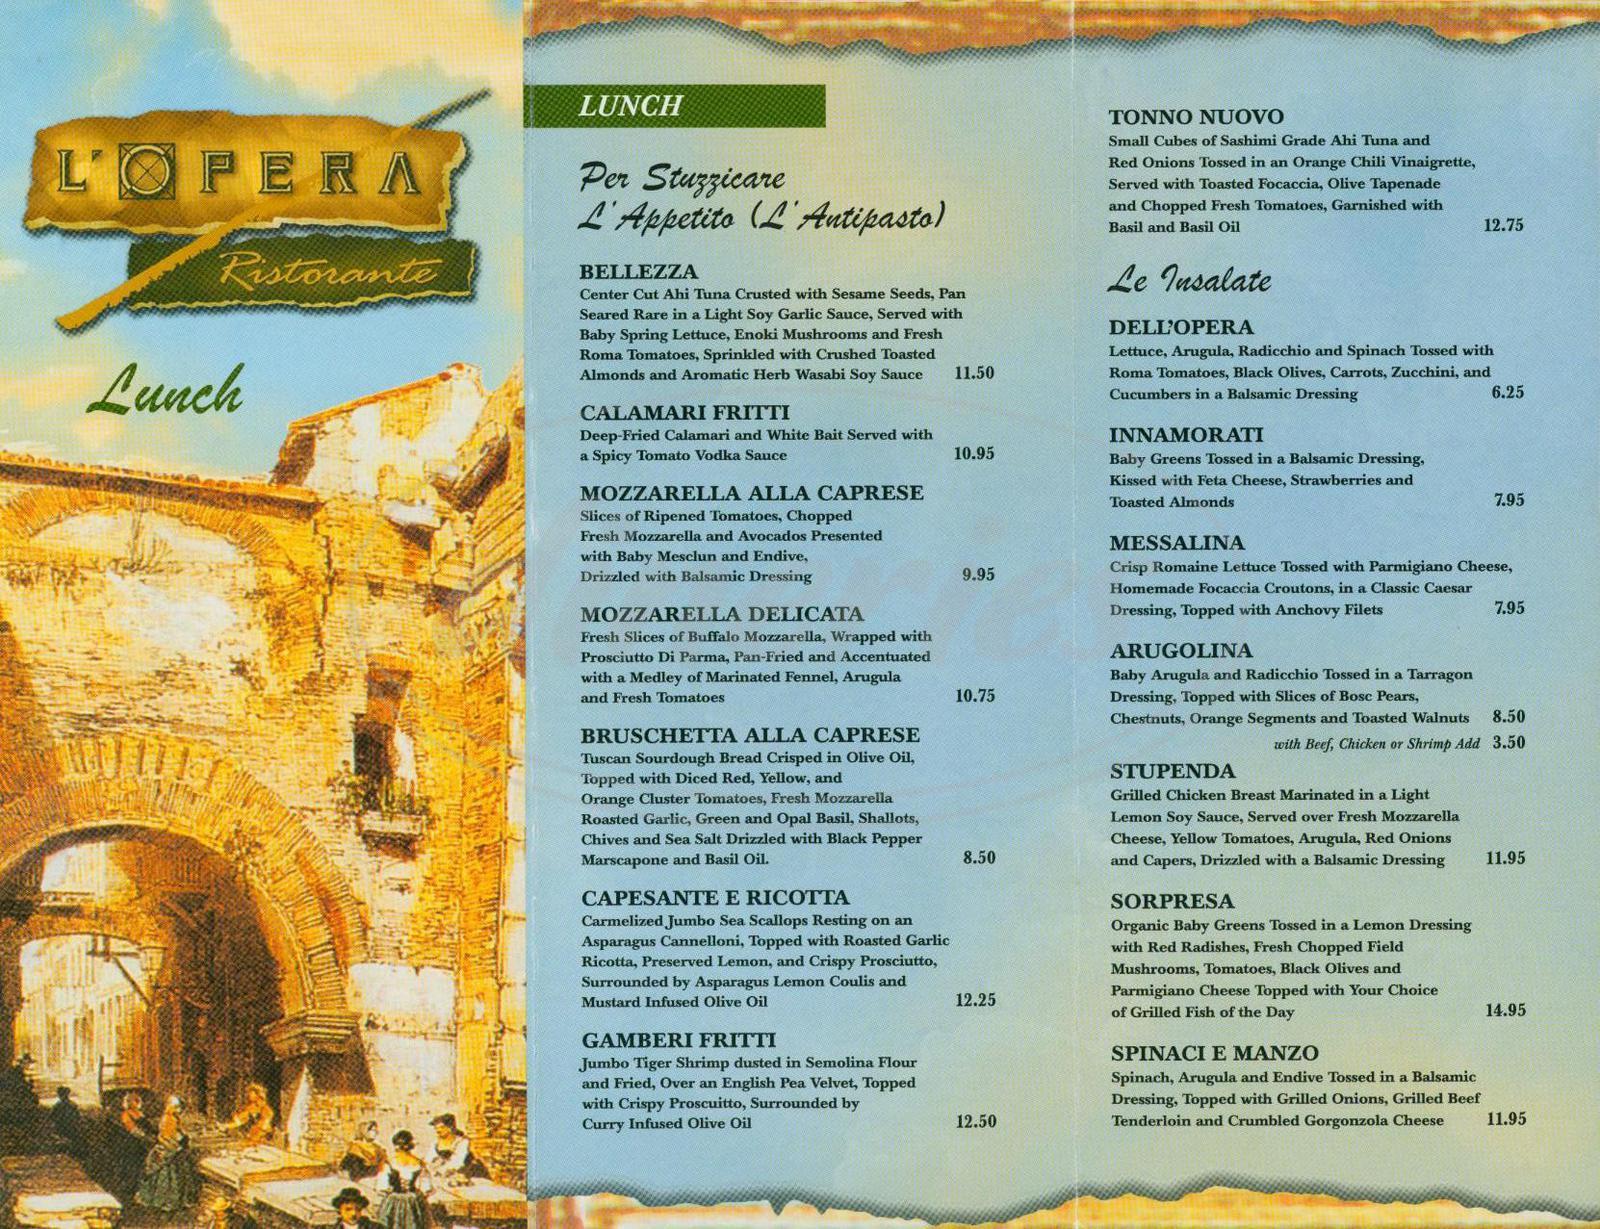 menu for L'Opera